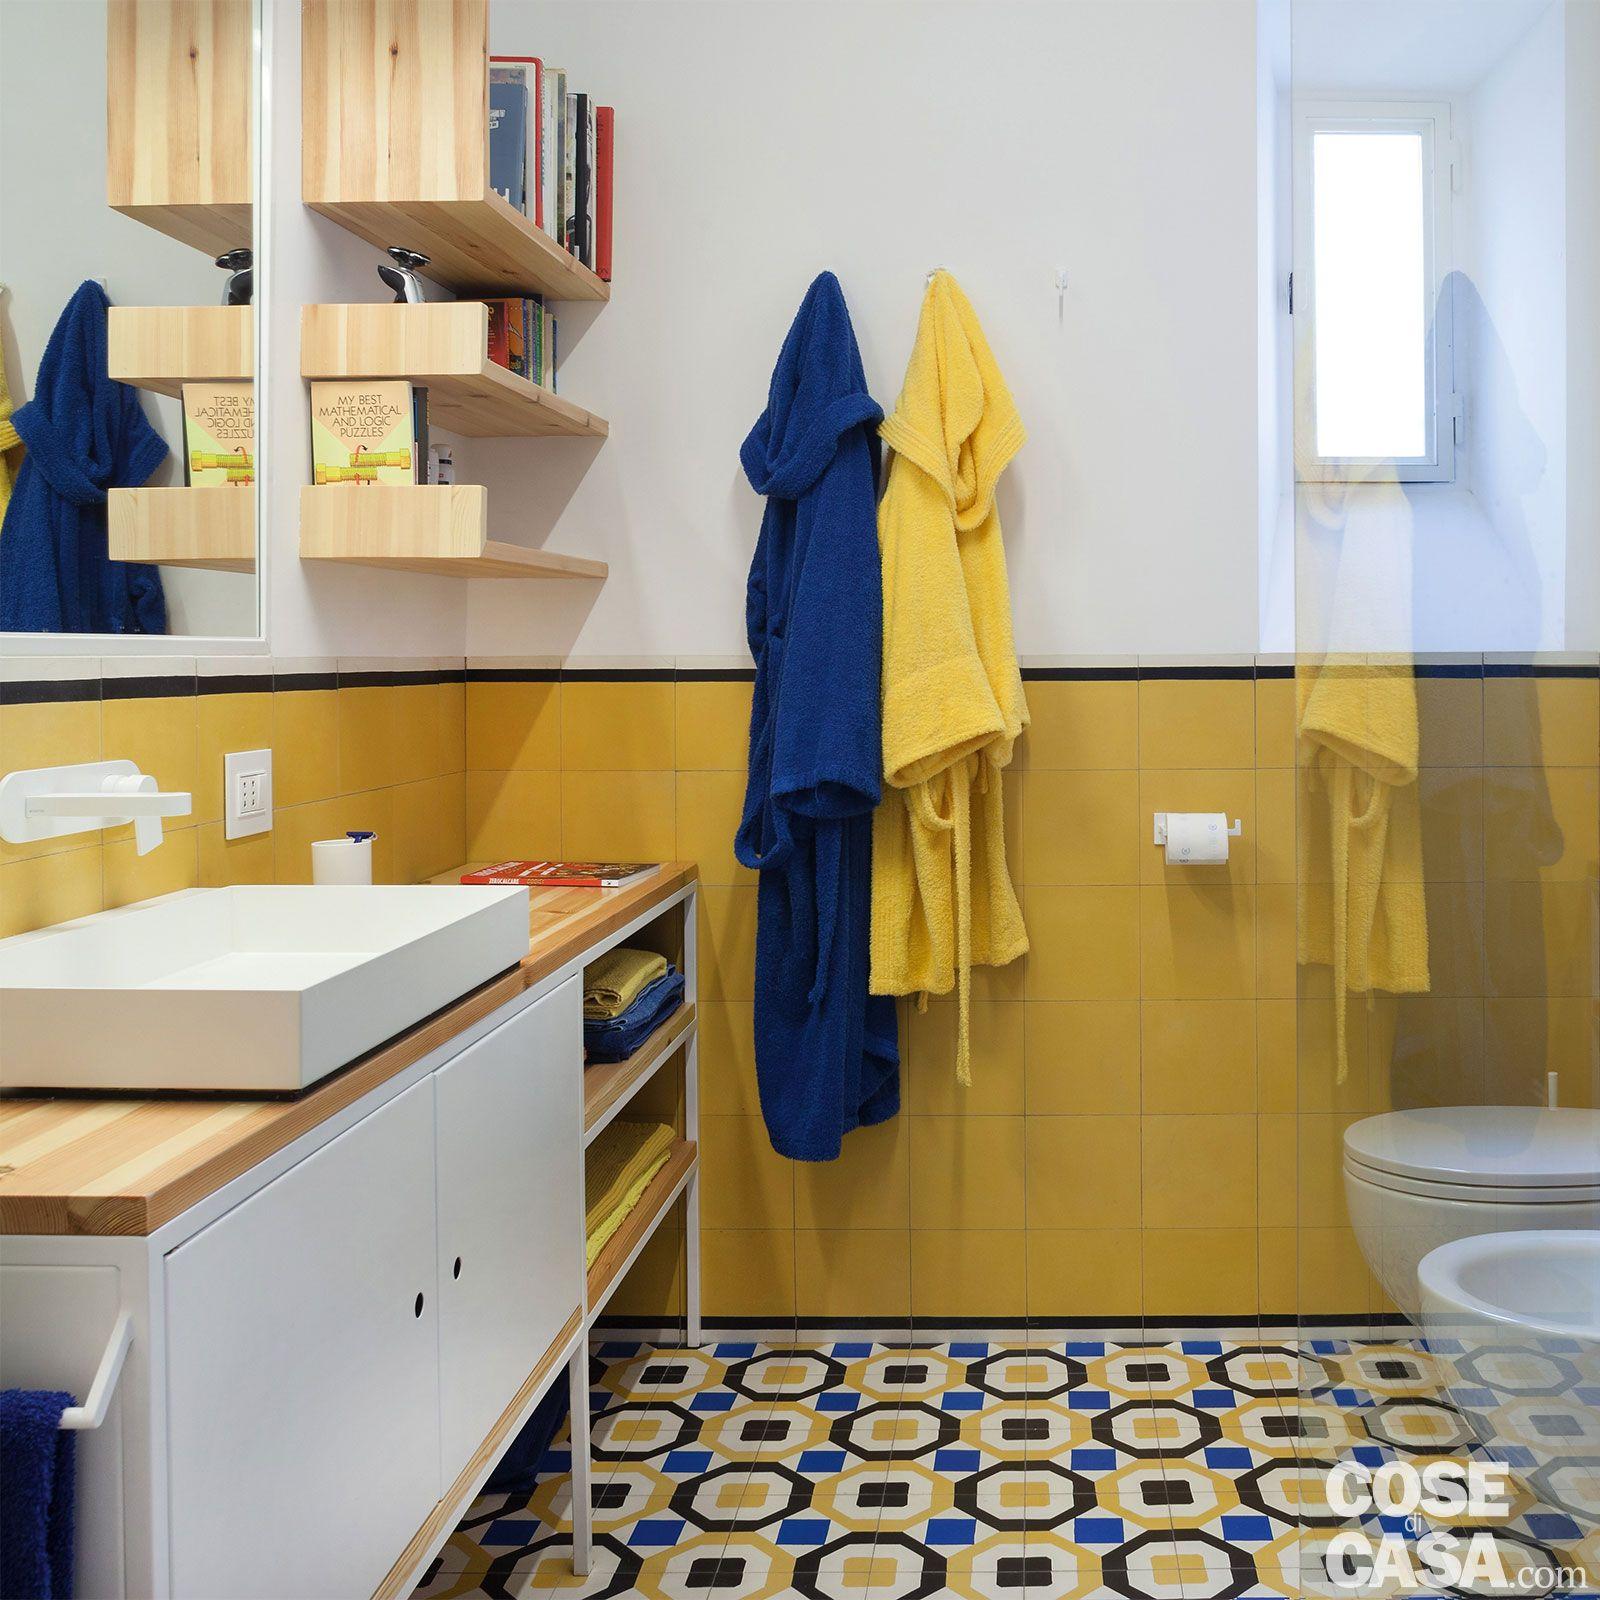 85 mq rinnovati con piastrelle decor effetto cementina bagni pinterest bathroom e design - Cementina bagno ...